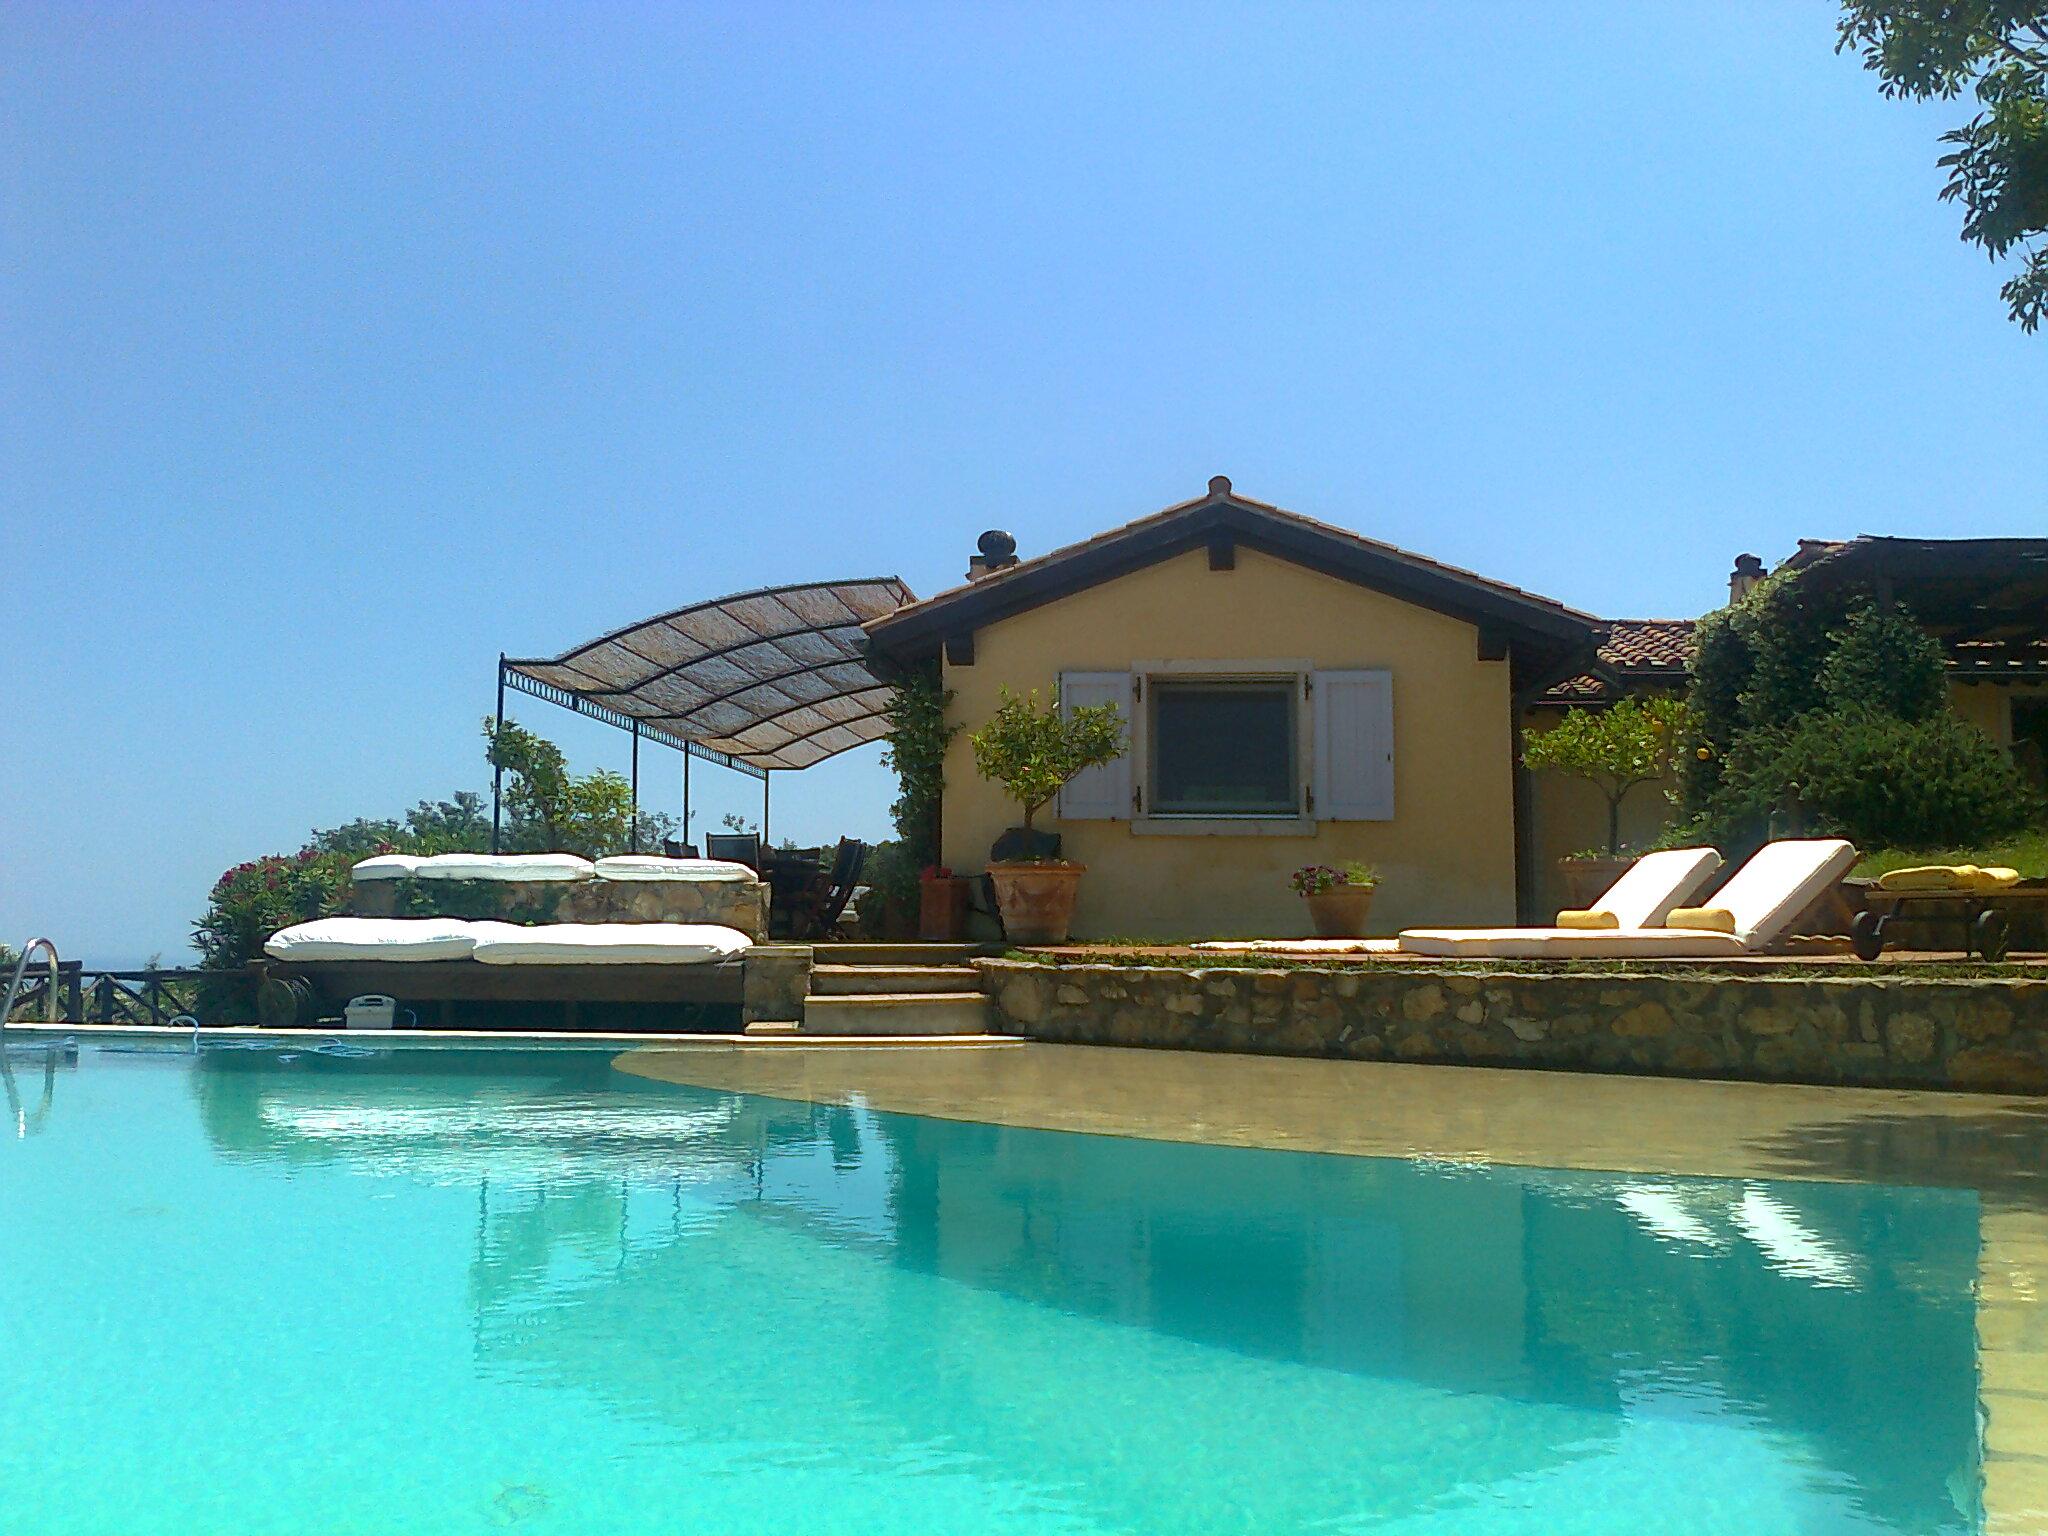 """Affitto """"Villa Letizia"""", elegante villa con piscina e stupendo panorama Porto Ercole 12 ospiti"""